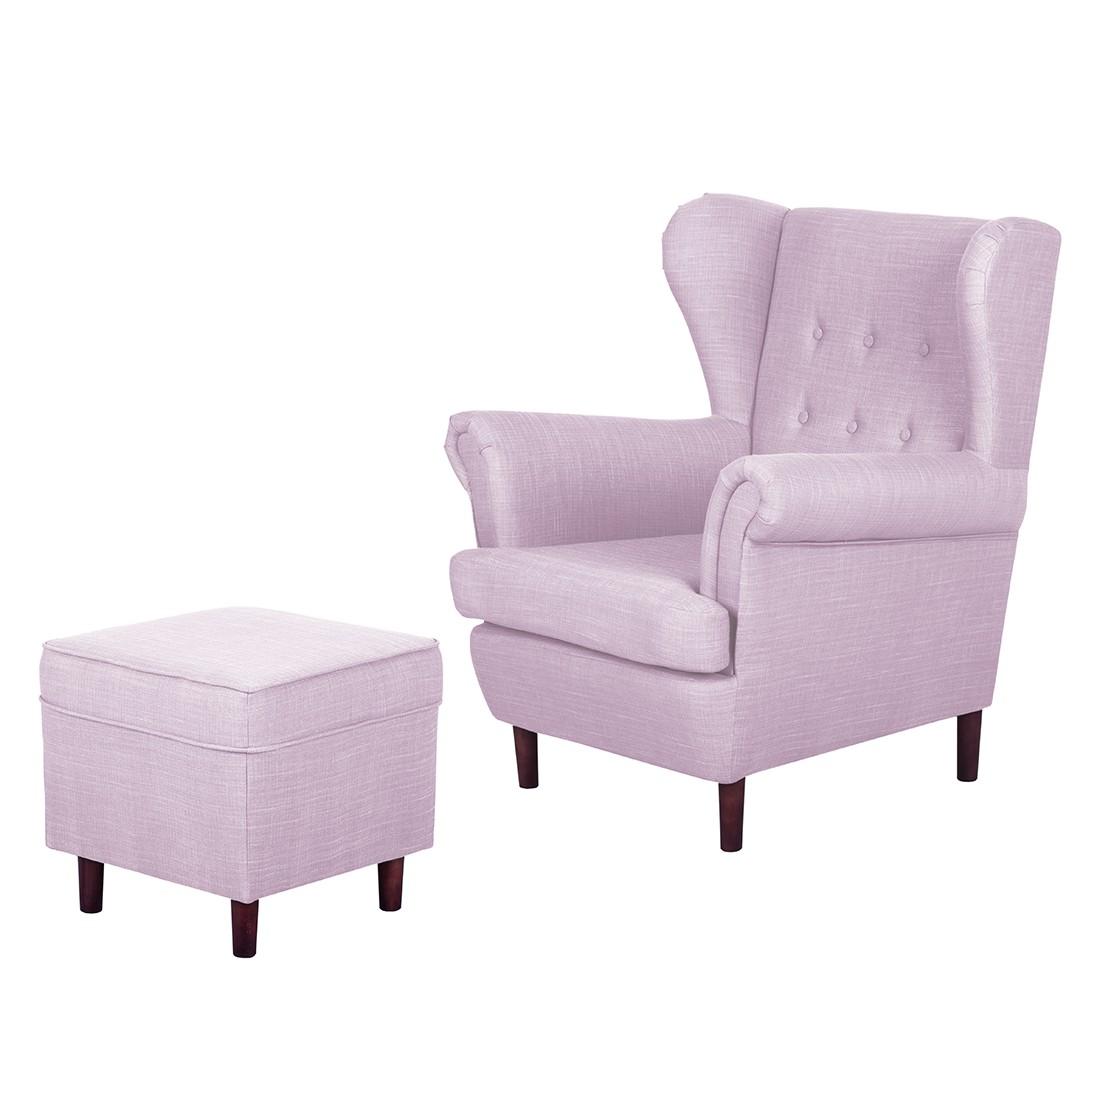 ohrensessel kaiapoi mit hocker webstoff violett maison belfort g nstig online kaufen. Black Bedroom Furniture Sets. Home Design Ideas